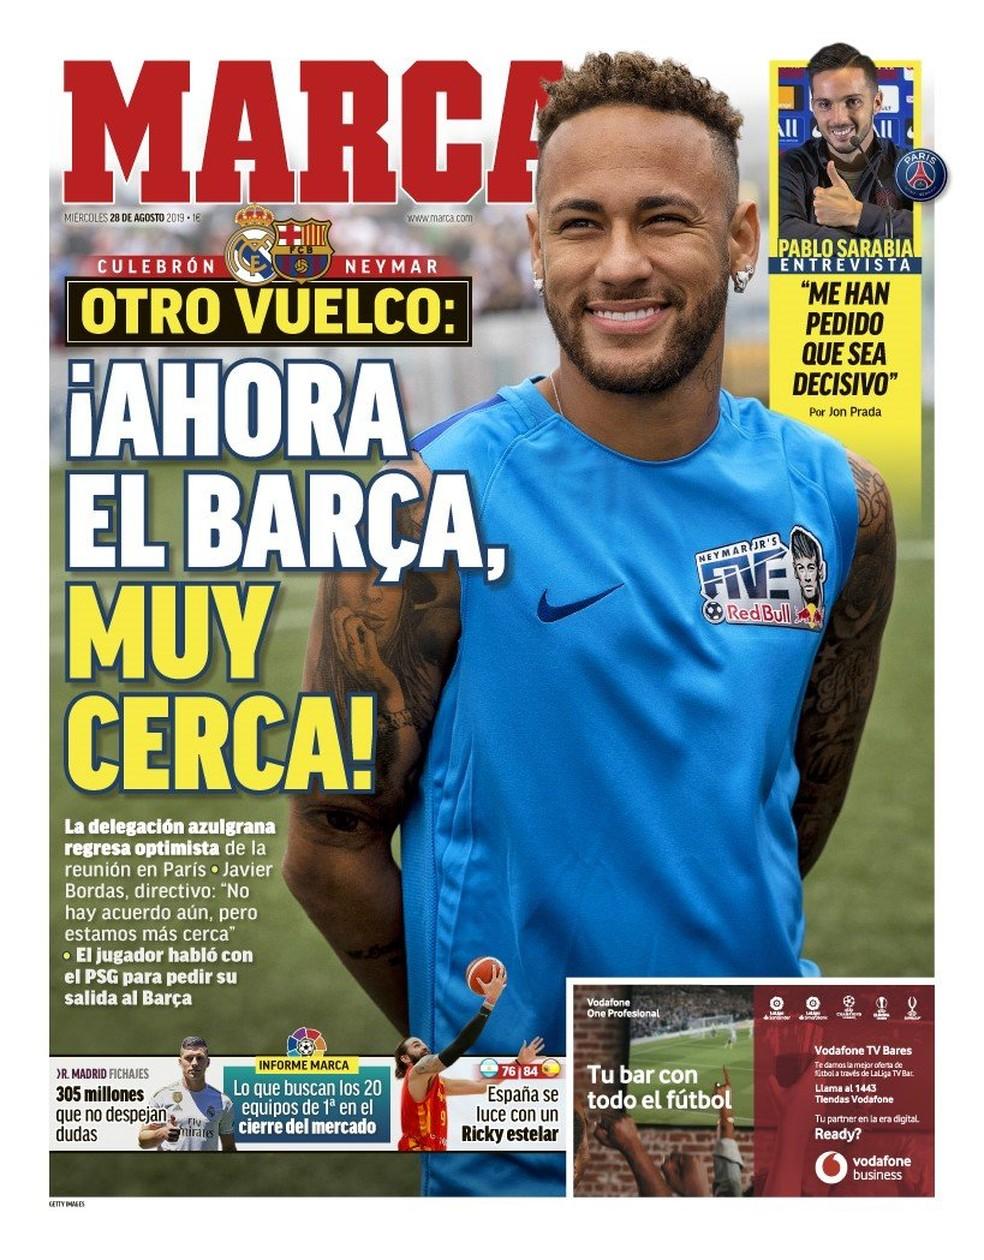 Capa do Marca sobre Neymar, Barcelona e Paris Saint-Germain — Foto: Divulgação